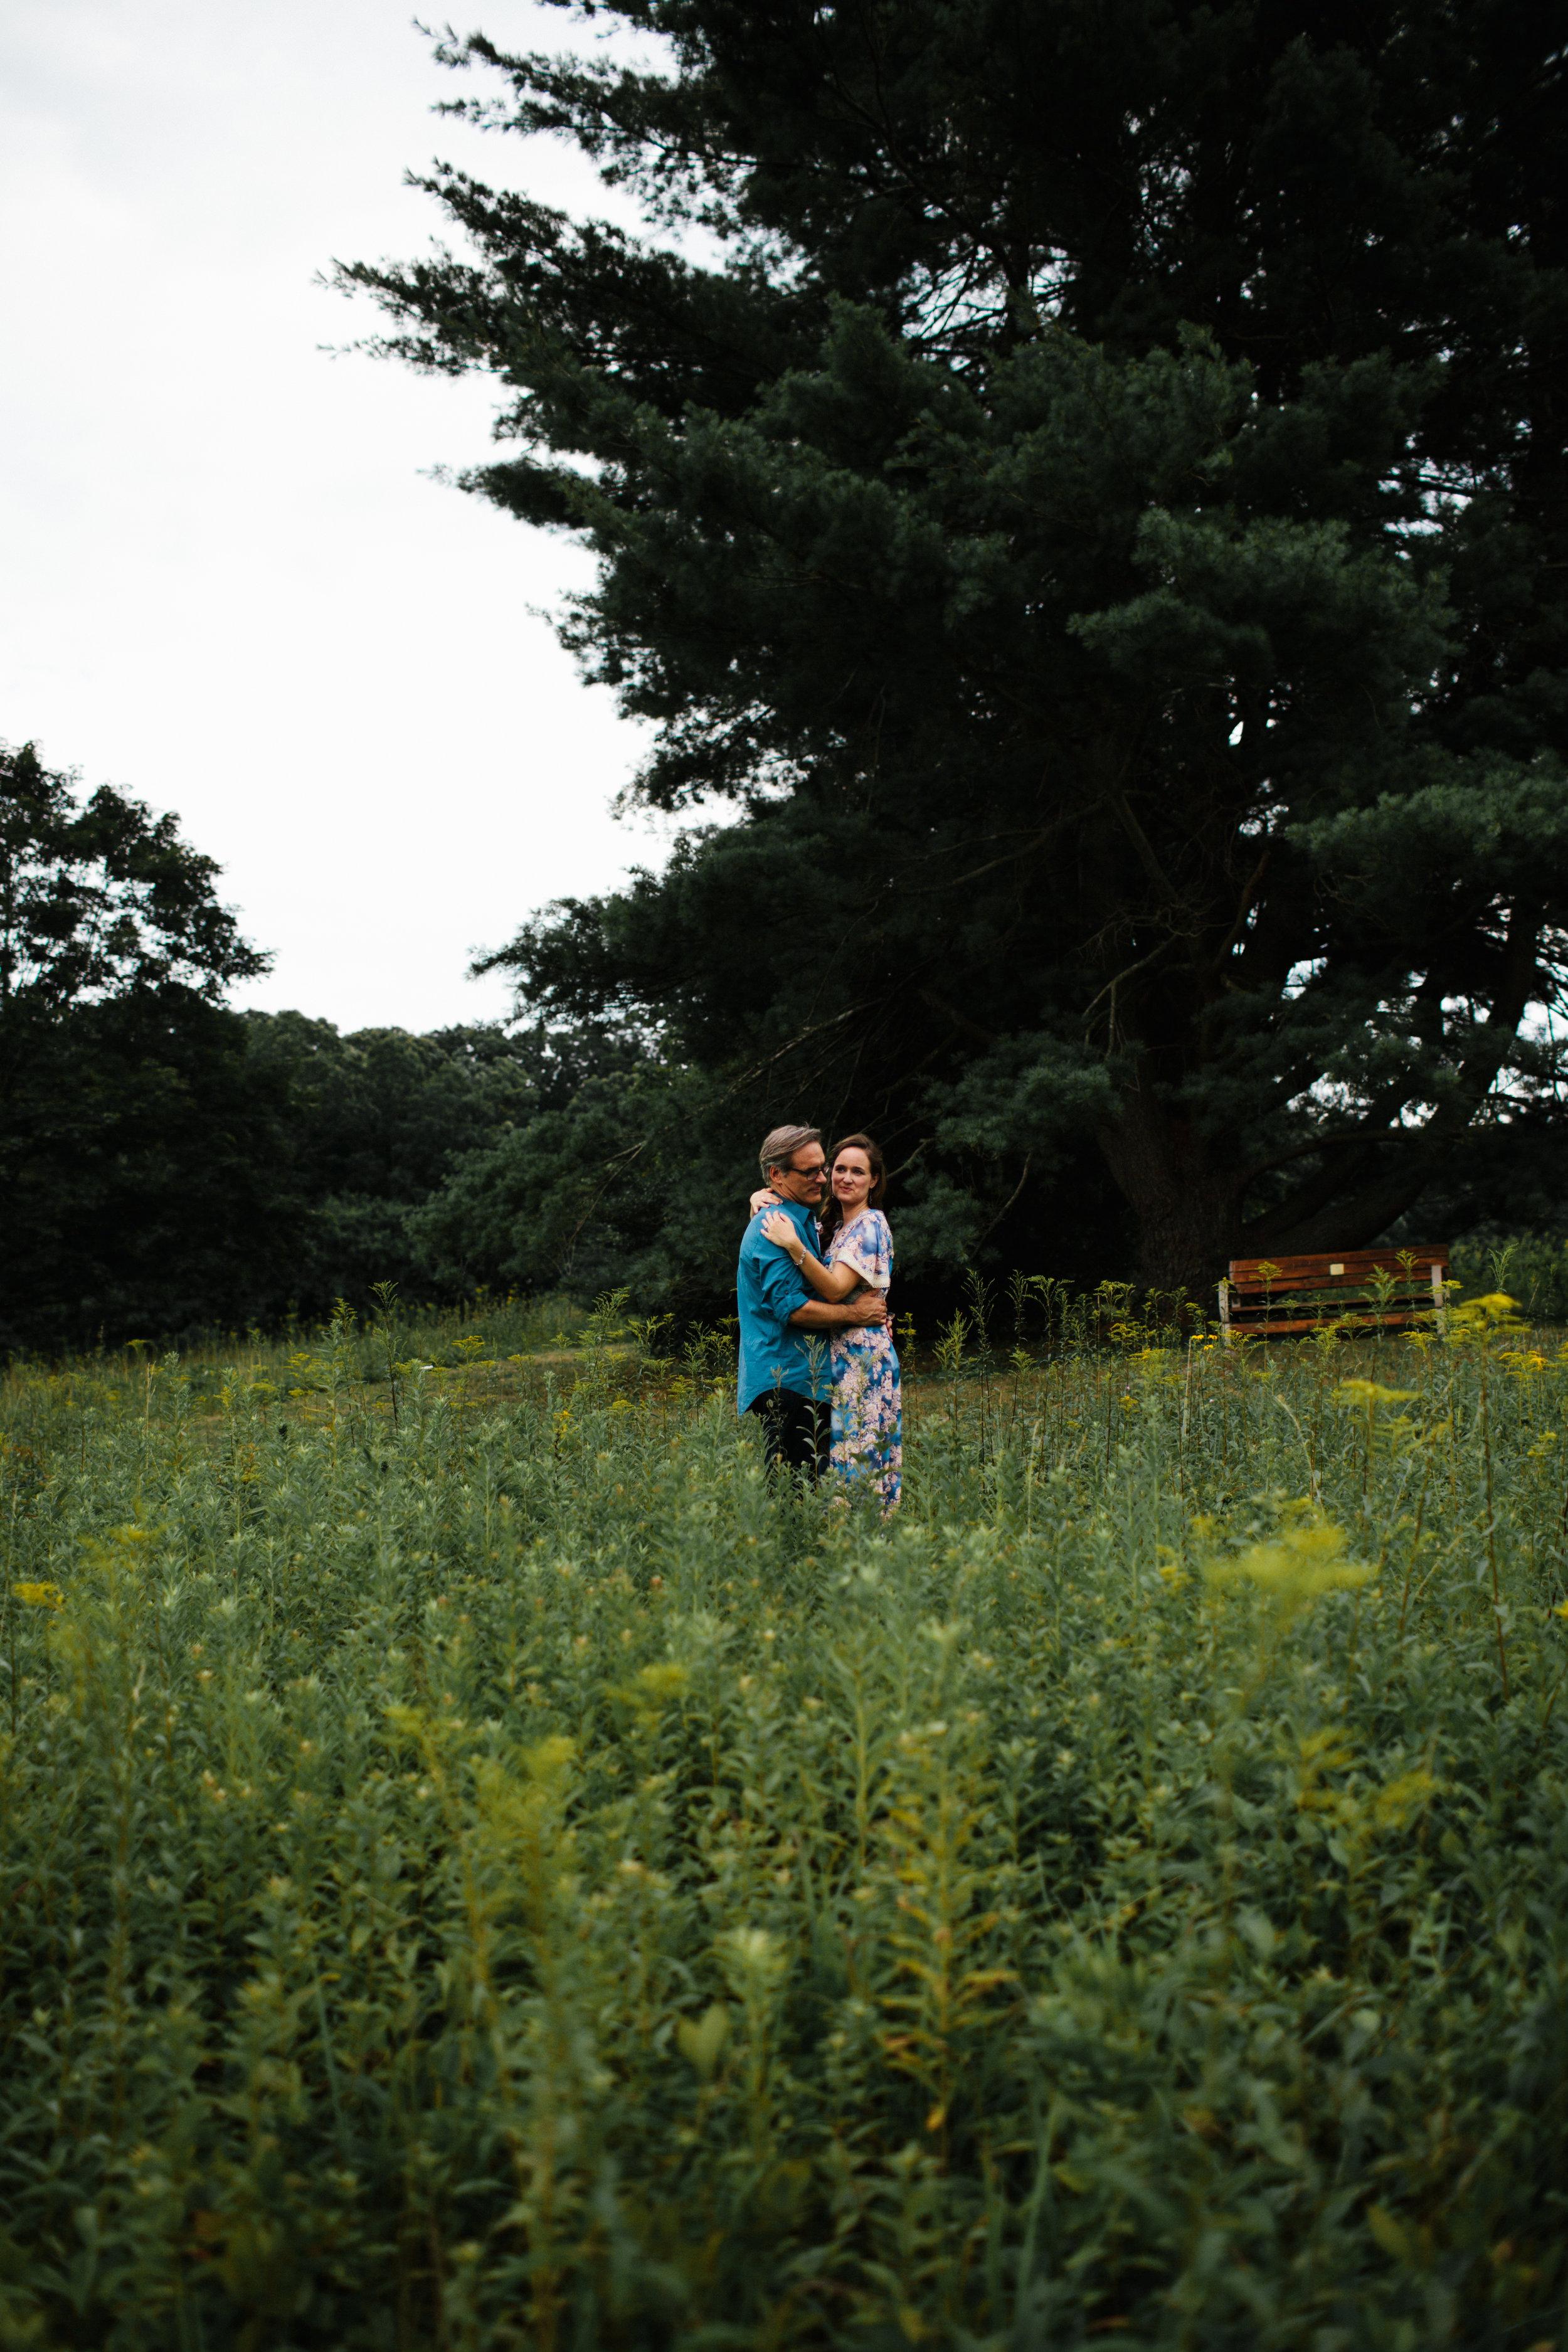 maine-engagement-shoot-7230.jpg